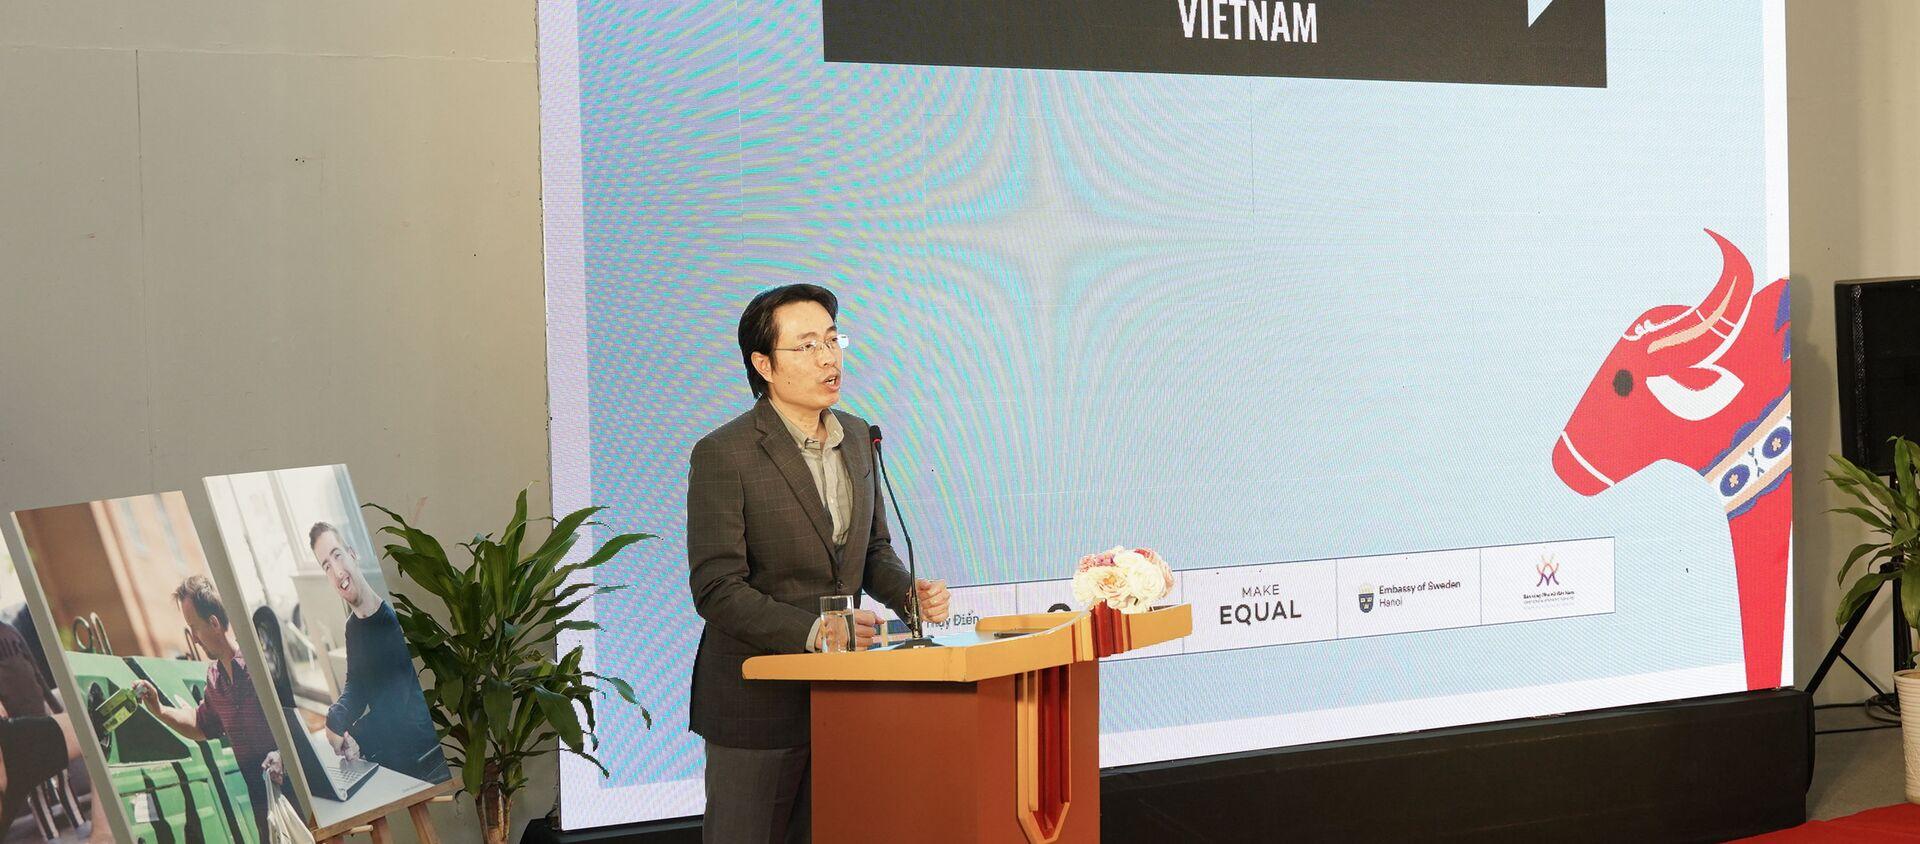 Cục trưởng Cục trẻ em, Bộ LĐ-TB&XH Đặng Hoa Nam chia sẻ tại Toạ đàm - Sputnik Việt Nam, 1920, 09.03.2021